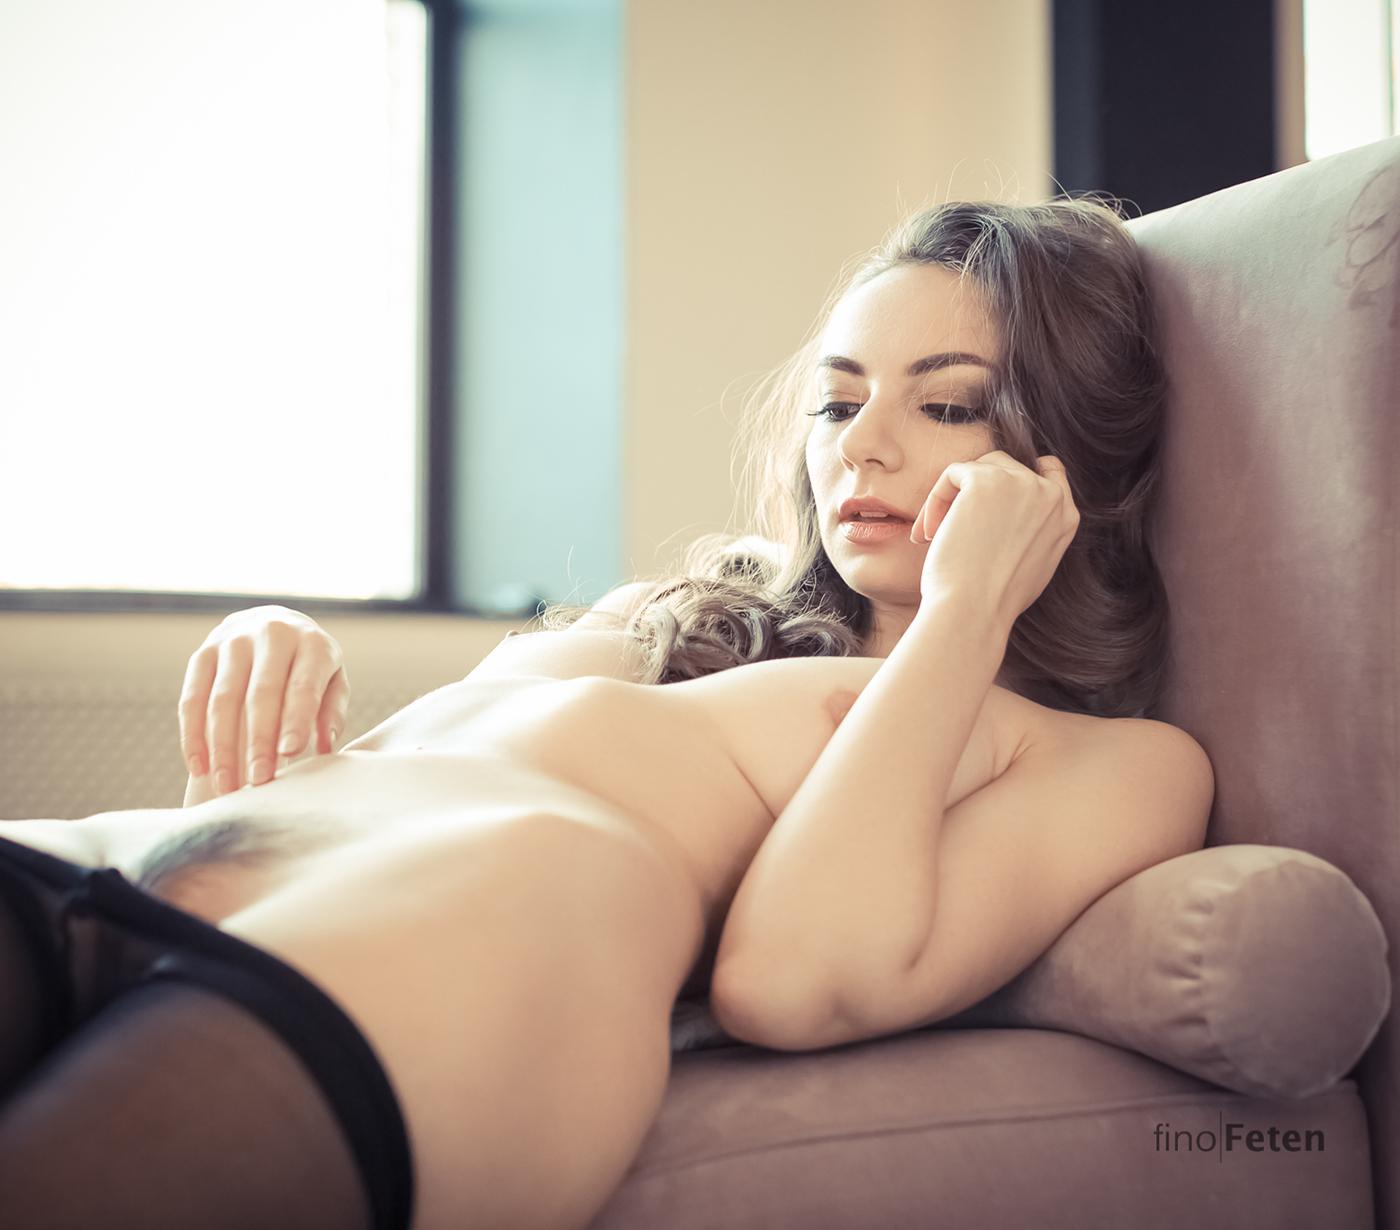 Марго / фото Михаил Герасимов